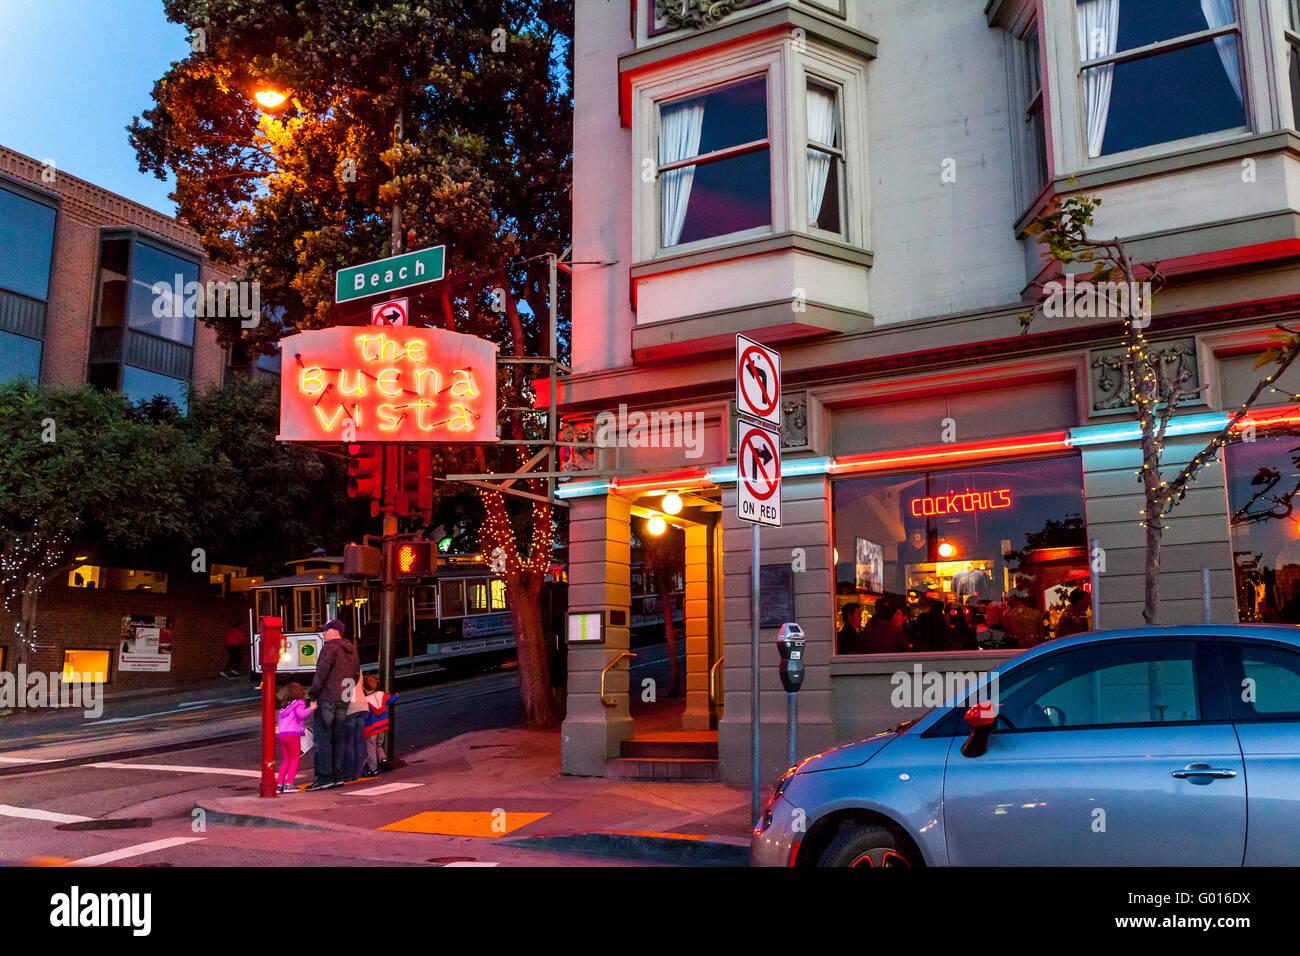 El Buena Vista Hyde y Beach Cafe en las calles de San Francisco, California Imagen De Stock